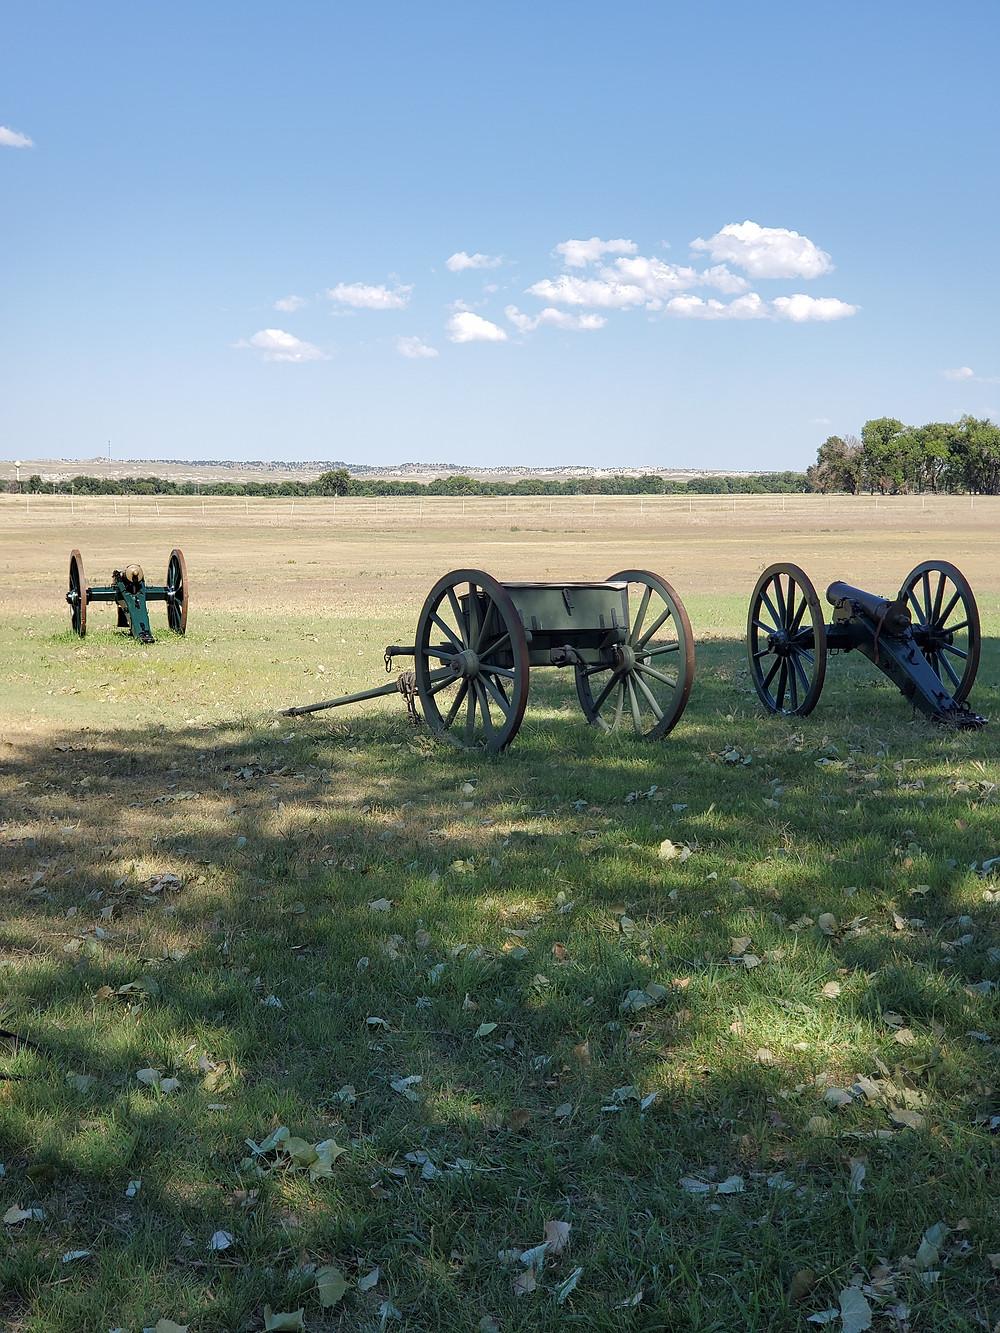 Fort Laramie Historic Site